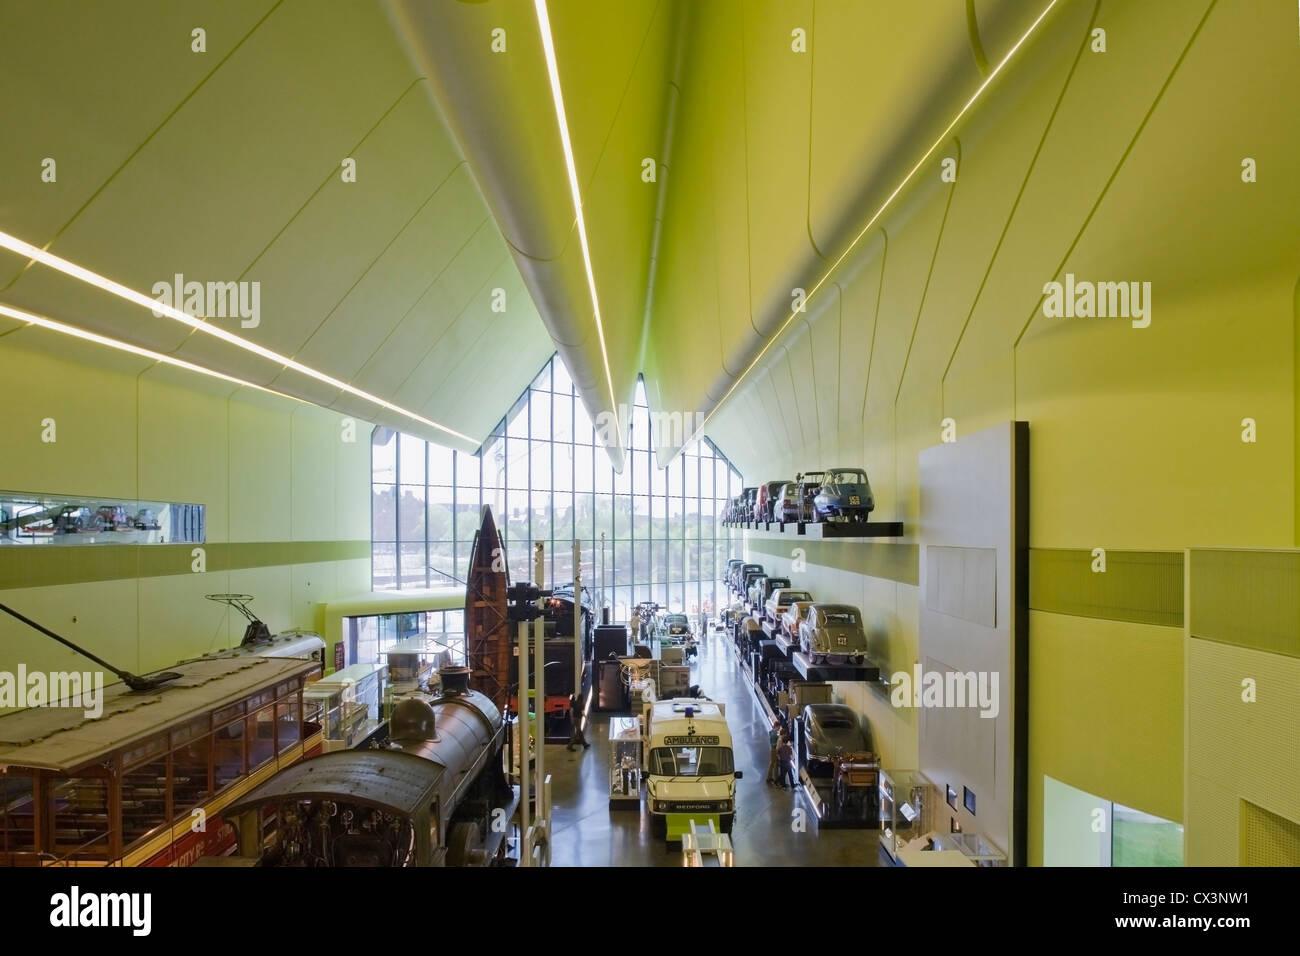 Glasgow Riverside Museum of Transport, Glasgow, United Kingdom. Architect: Zaha Hadid Architects, 2012. interior - Stock Image